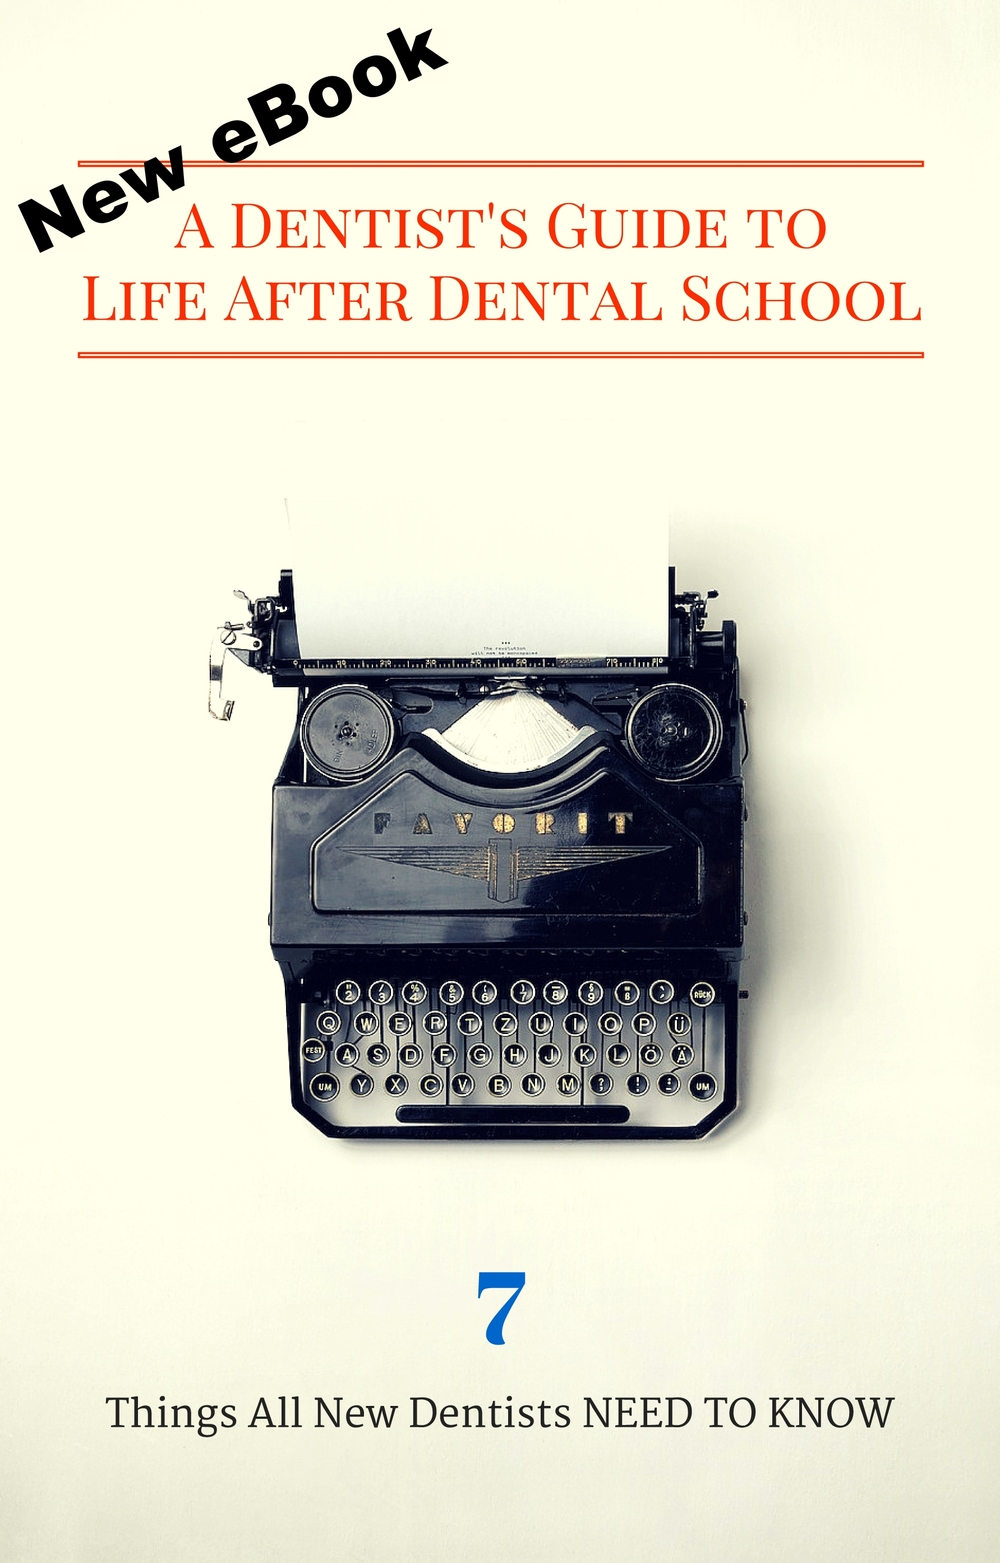 Dentist's Guide Front.jpg